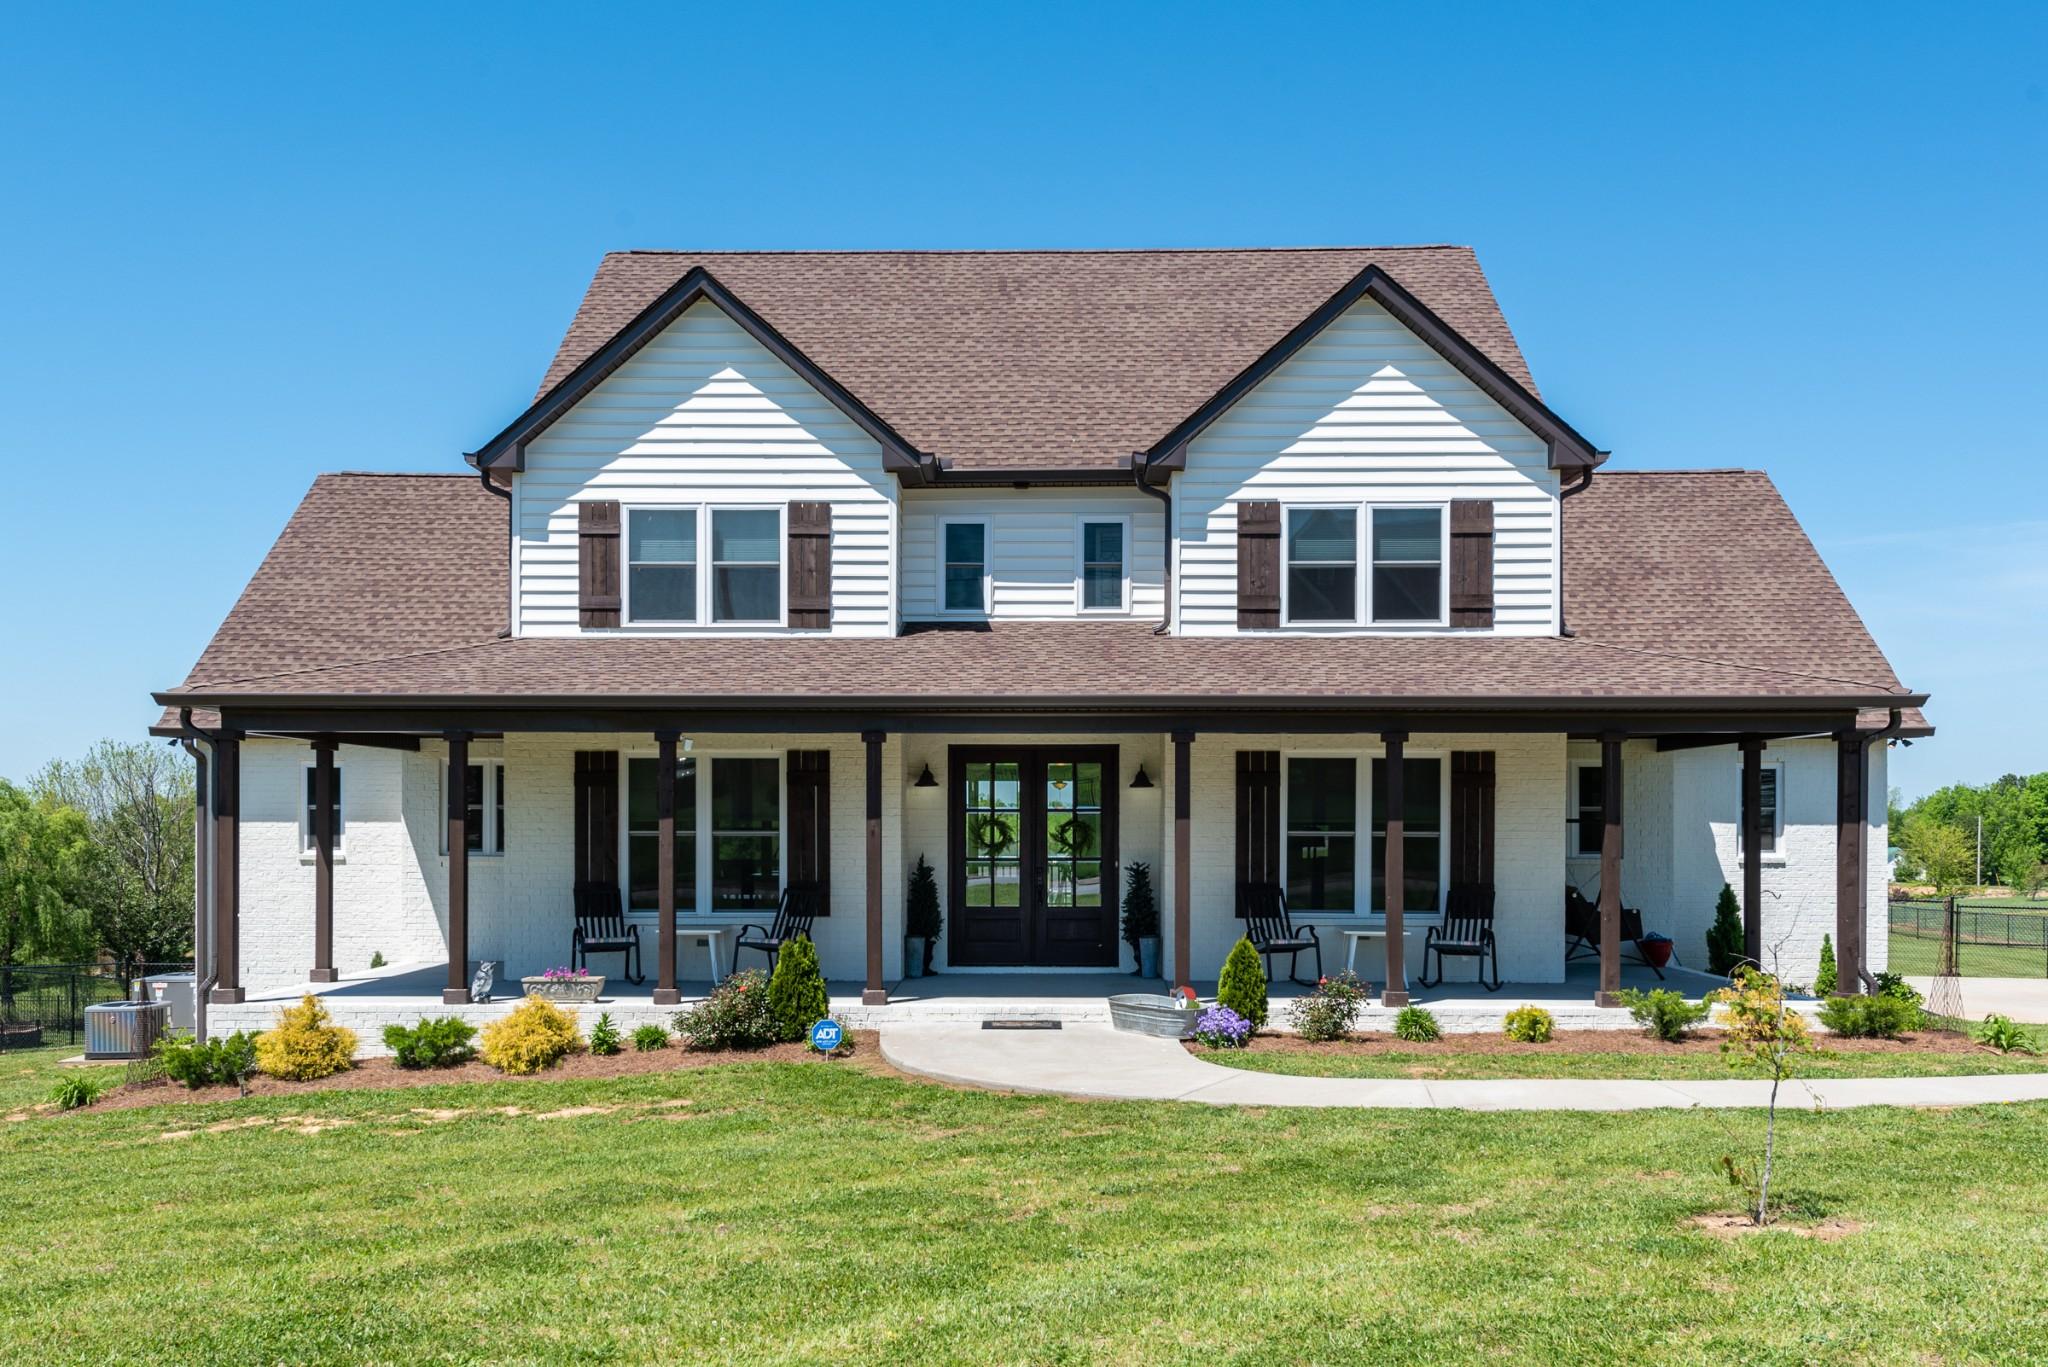 1017 Luton Way, White House, TN 37188 - White House, TN real estate listing